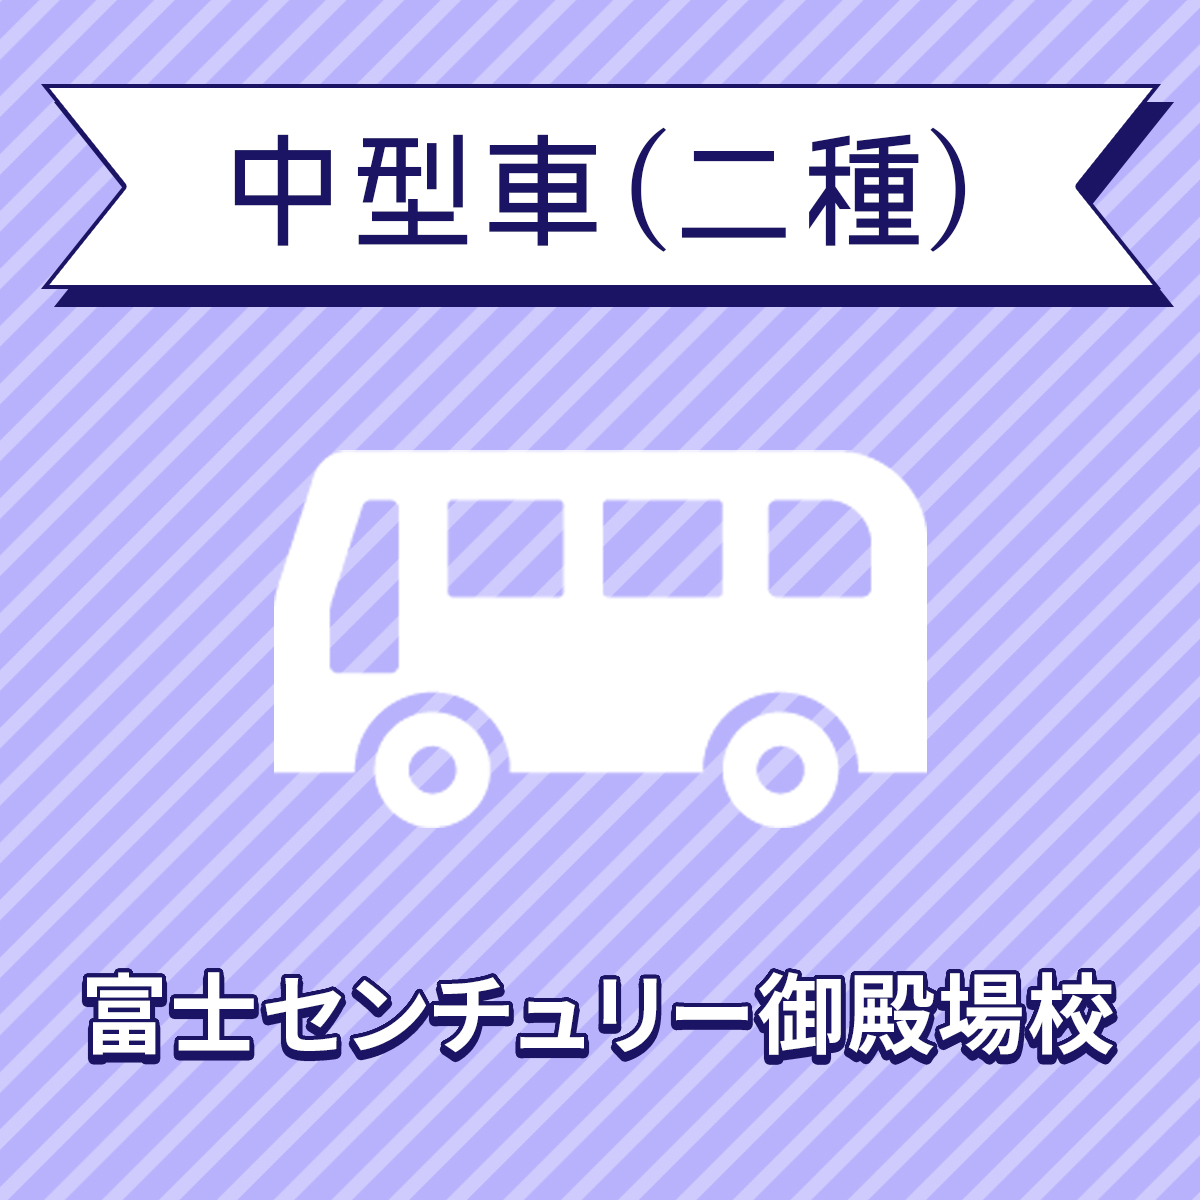 静岡県裾野市 中型二種コース 中型8tMT免許所持対象 防災 通学 迎春 特売限定 お歳暮